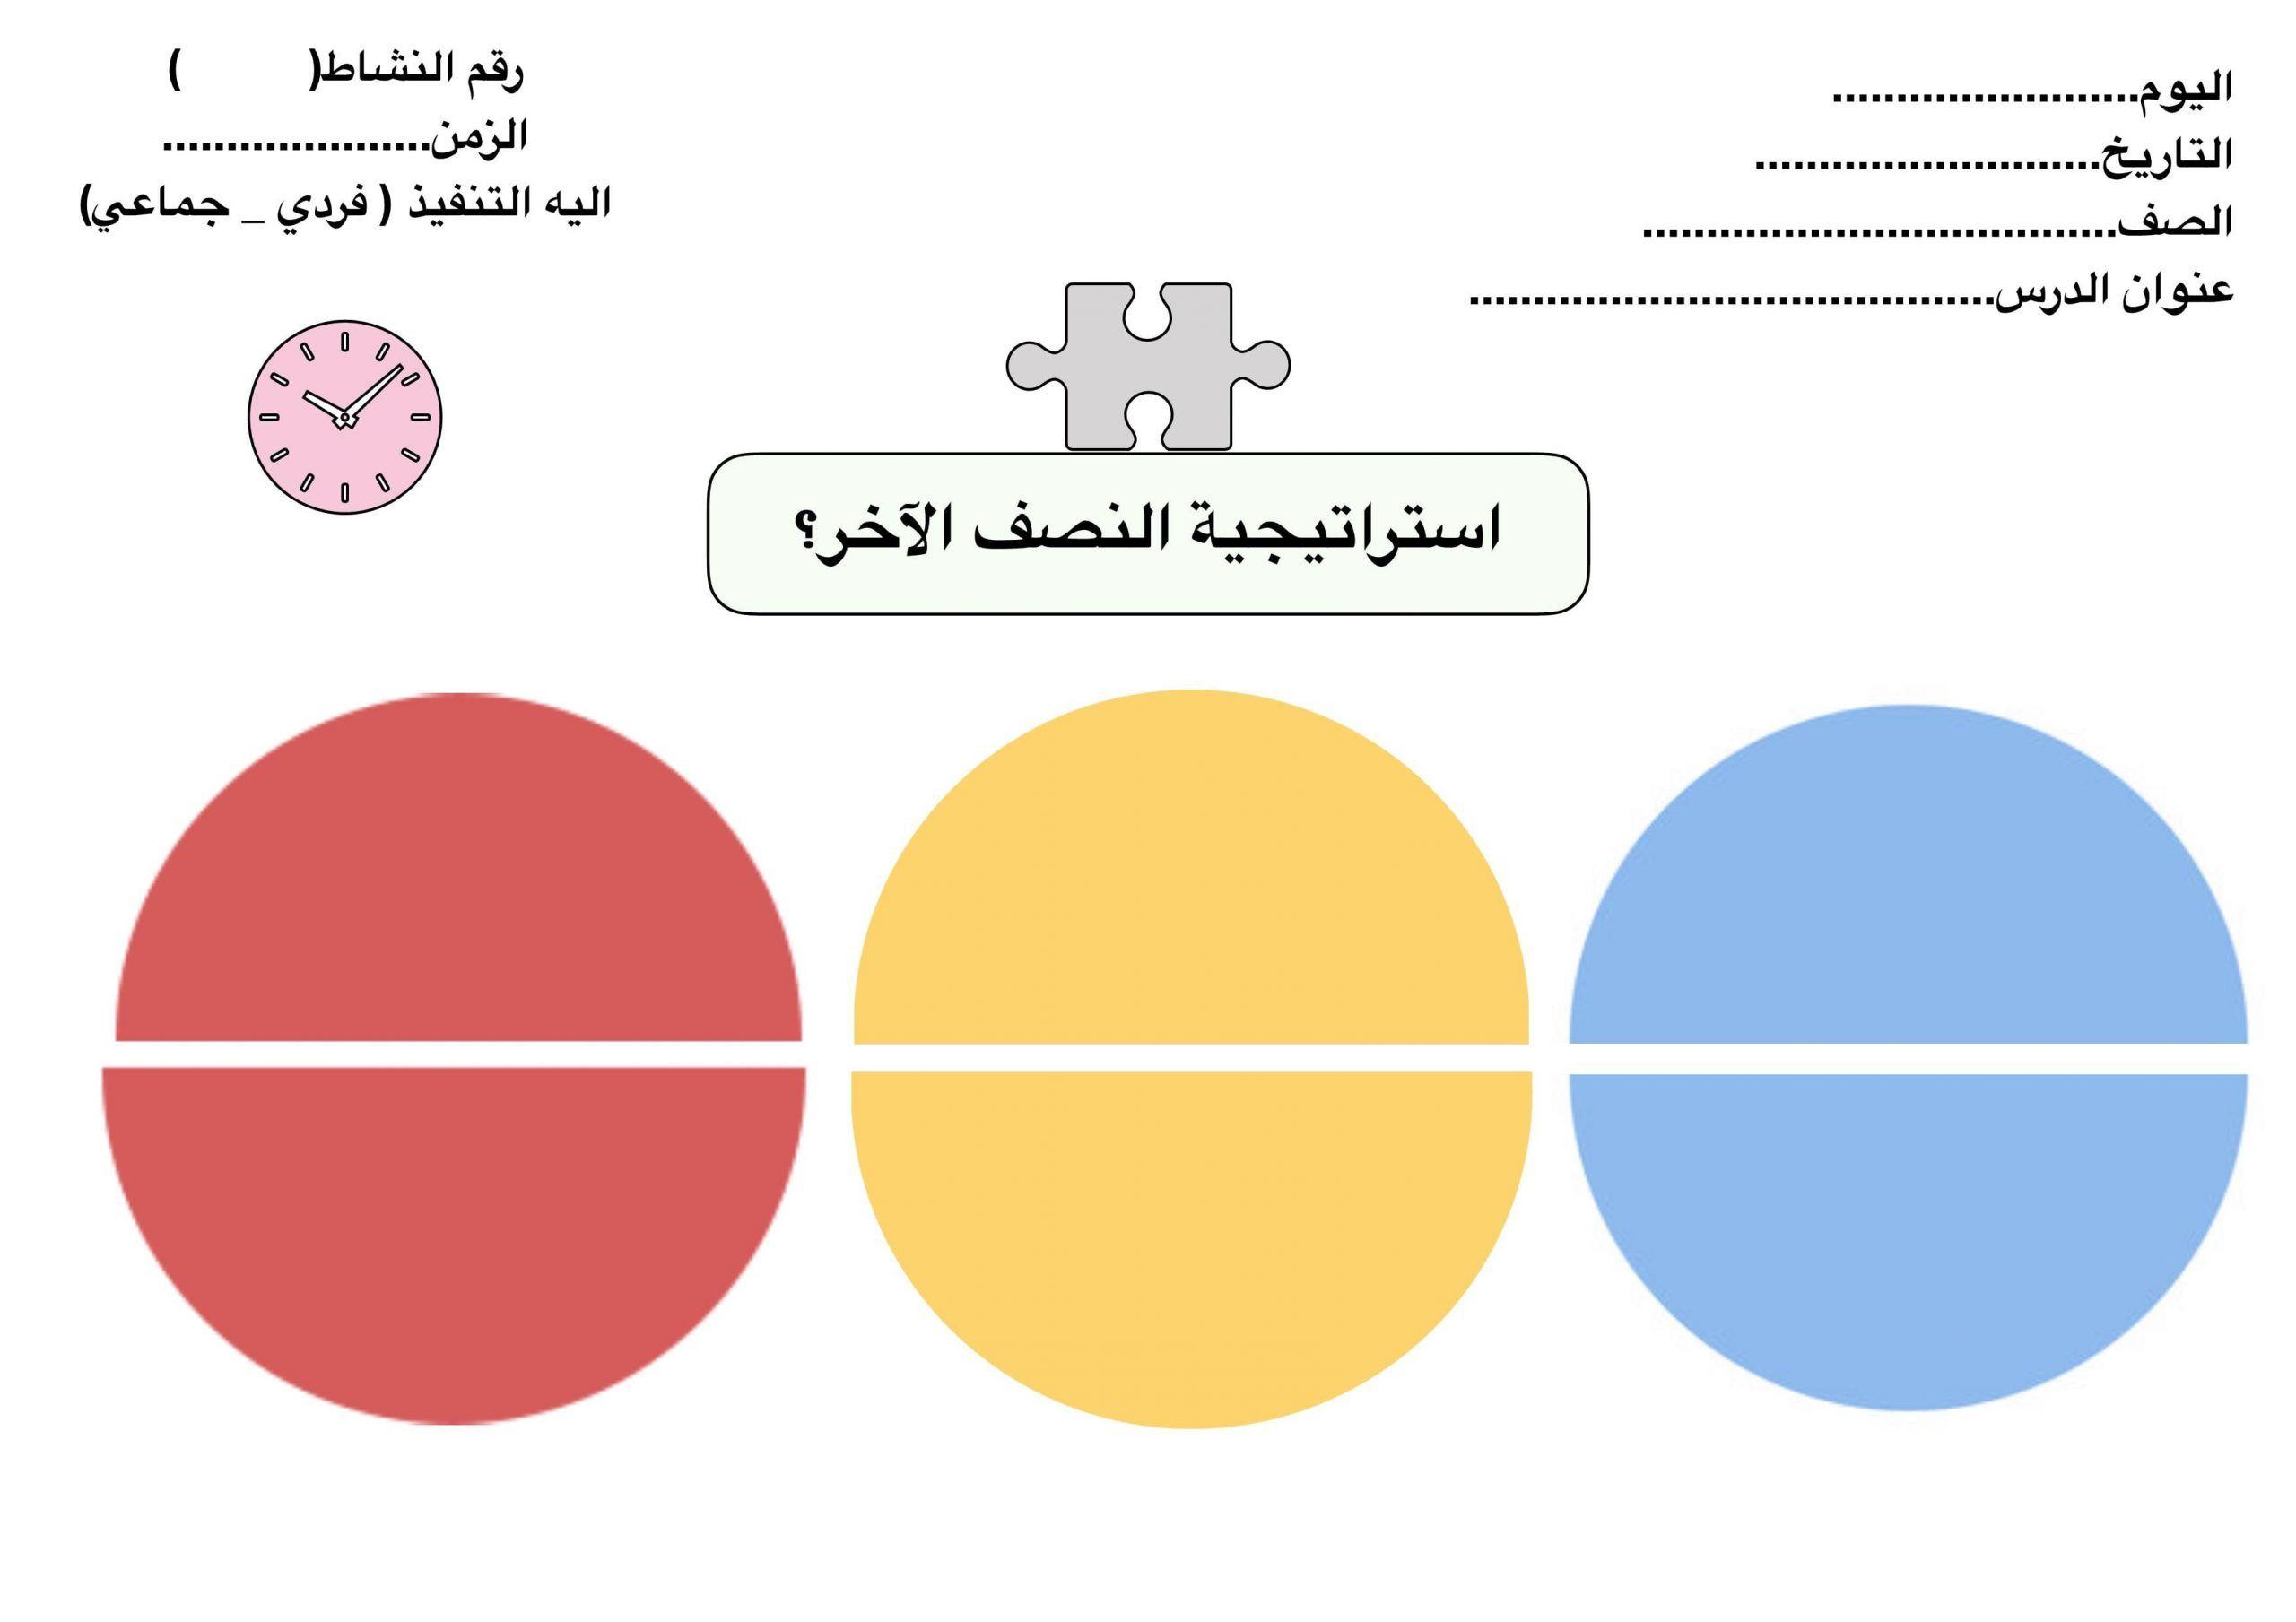 استراتيجيات متنوعة للتدريس ممتعة لجميع المراحل العلمية Pie Chart Chart